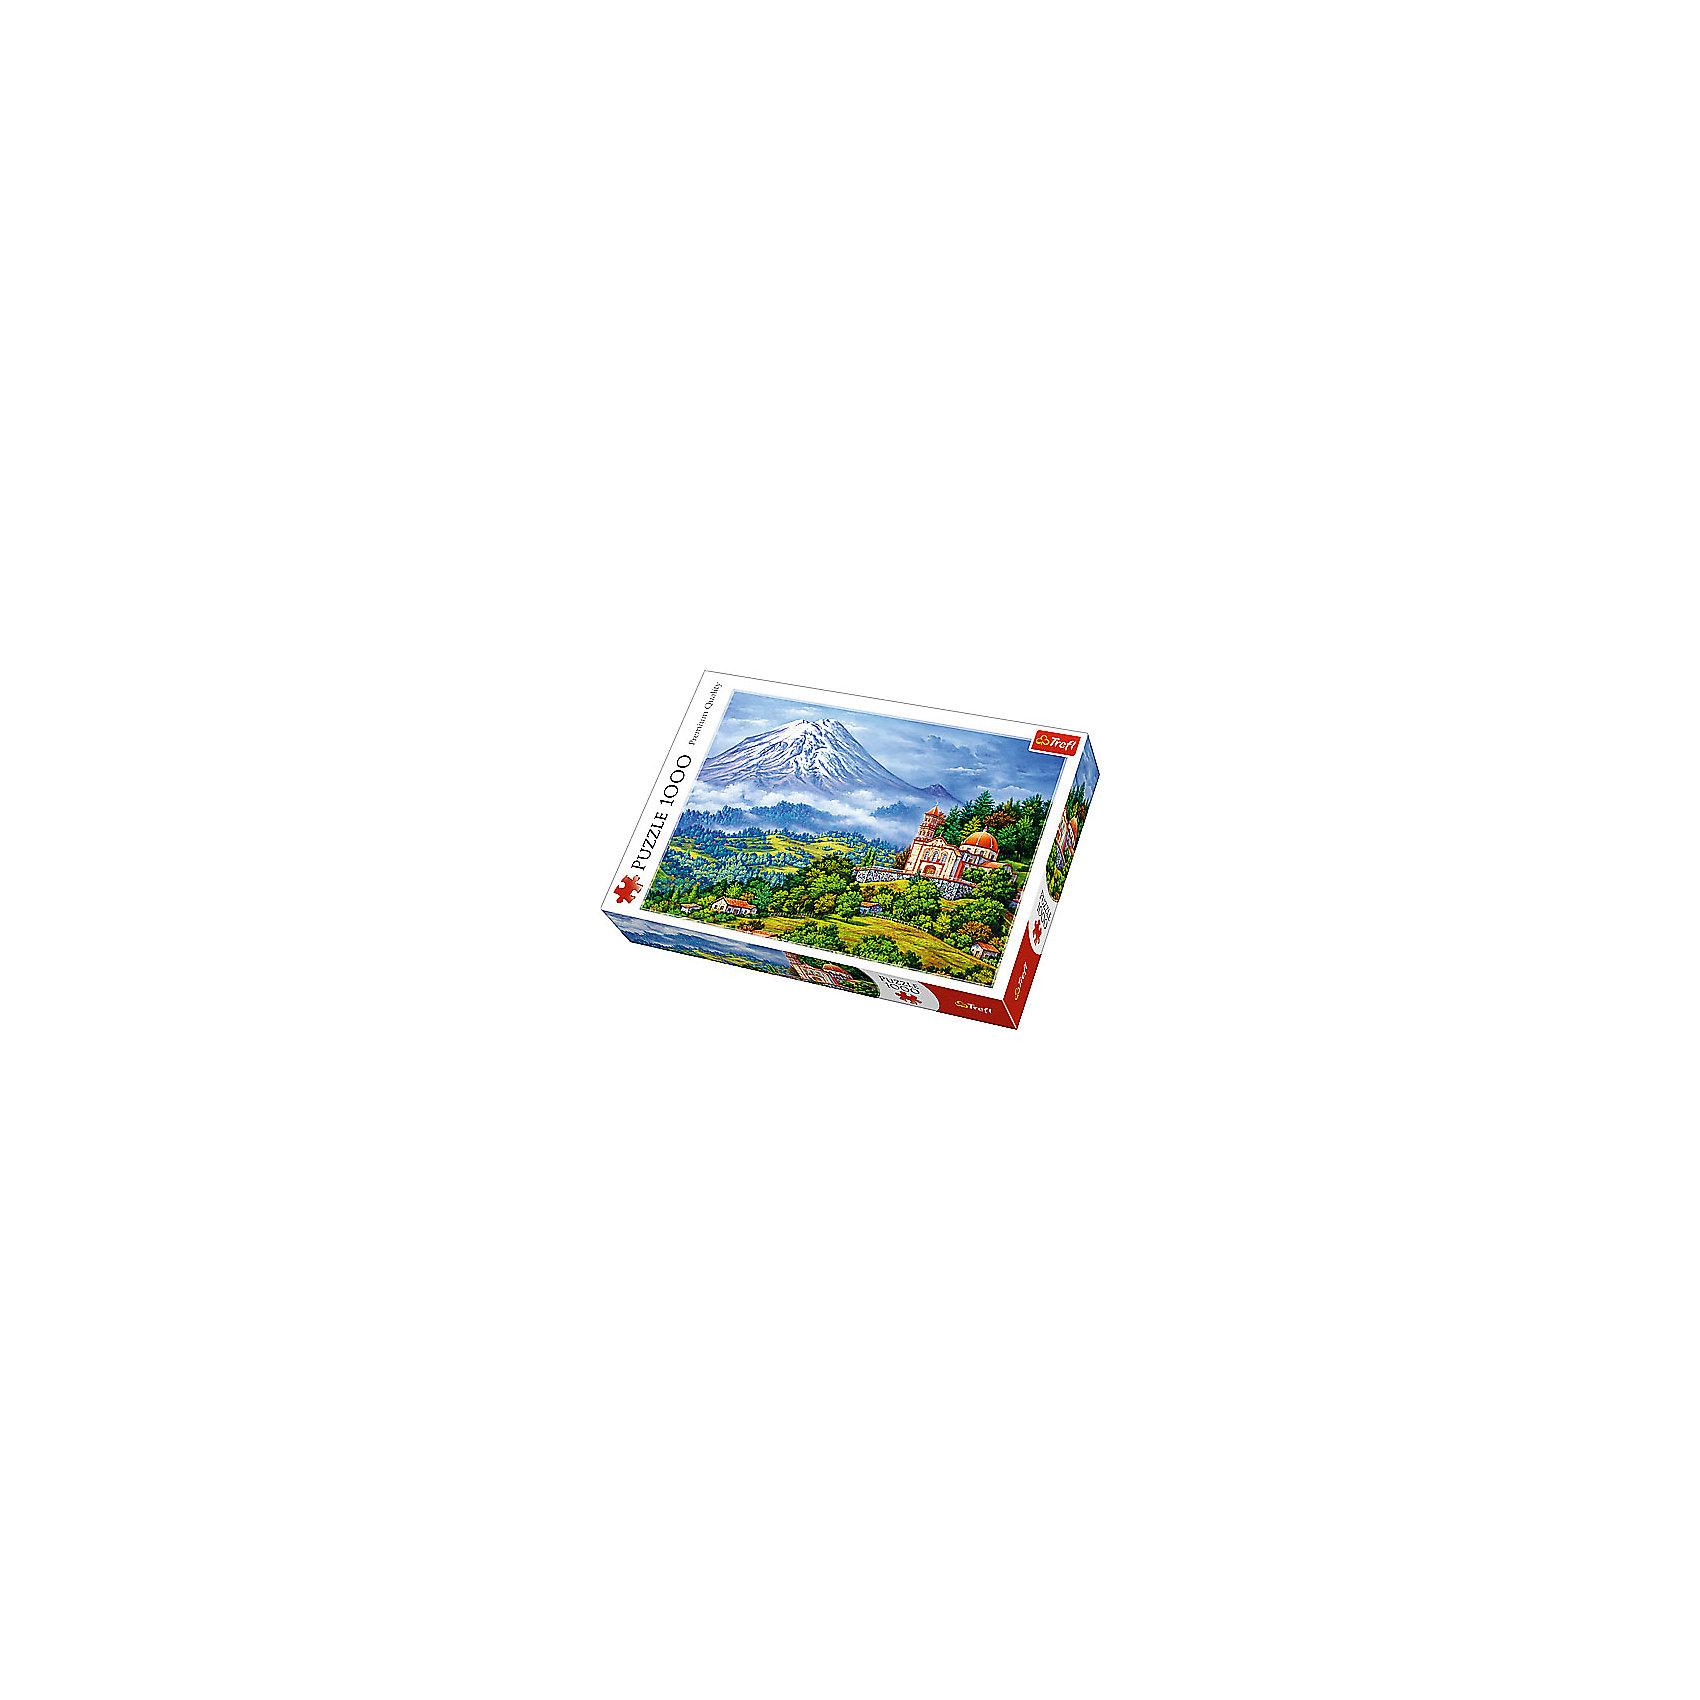 Пазлы «Пейзаж с вулканом», 1000 деталейПазлы для детей постарше<br>Перед вами пазл Trefl «Пейзаж с вулканом» из 1000 деталей. Эта сборная картина, созданная знаменитым польским брендом, выглядит по-настоящему эффектно благодаря ее невероятно насыщенным краскам. <br>Рисованное изображение маленького замка и деревушки у подножия спящего вулкана выполнено на каландрированном картоне, который отличают повышенные показатели гладкости и лоска. Другими словами, такая картина будет жизнерадостно блестеть, но – благодаря светоотражающему покрытию – не бликовать. А гладкие детали приятно перебирать при сборке. Кстати, сцепка самих элементов – на высшем уровне. <br>Количество деталей: 1000. <br>Размеры картинки в собранном виде: 68х48 см. <br>Размеры коробки: 40,1х6х27 см. <br>Вес коробки: 0,85кг. <br>Пазл предназначен для детей старше 12 лет.<br><br>Ширина мм: 410<br>Глубина мм: 378<br>Высота мм: 270<br>Вес г: 750<br>Возраст от месяцев: 144<br>Возраст до месяцев: 2147483647<br>Пол: Унисекс<br>Возраст: Детский<br>SKU: 7126343